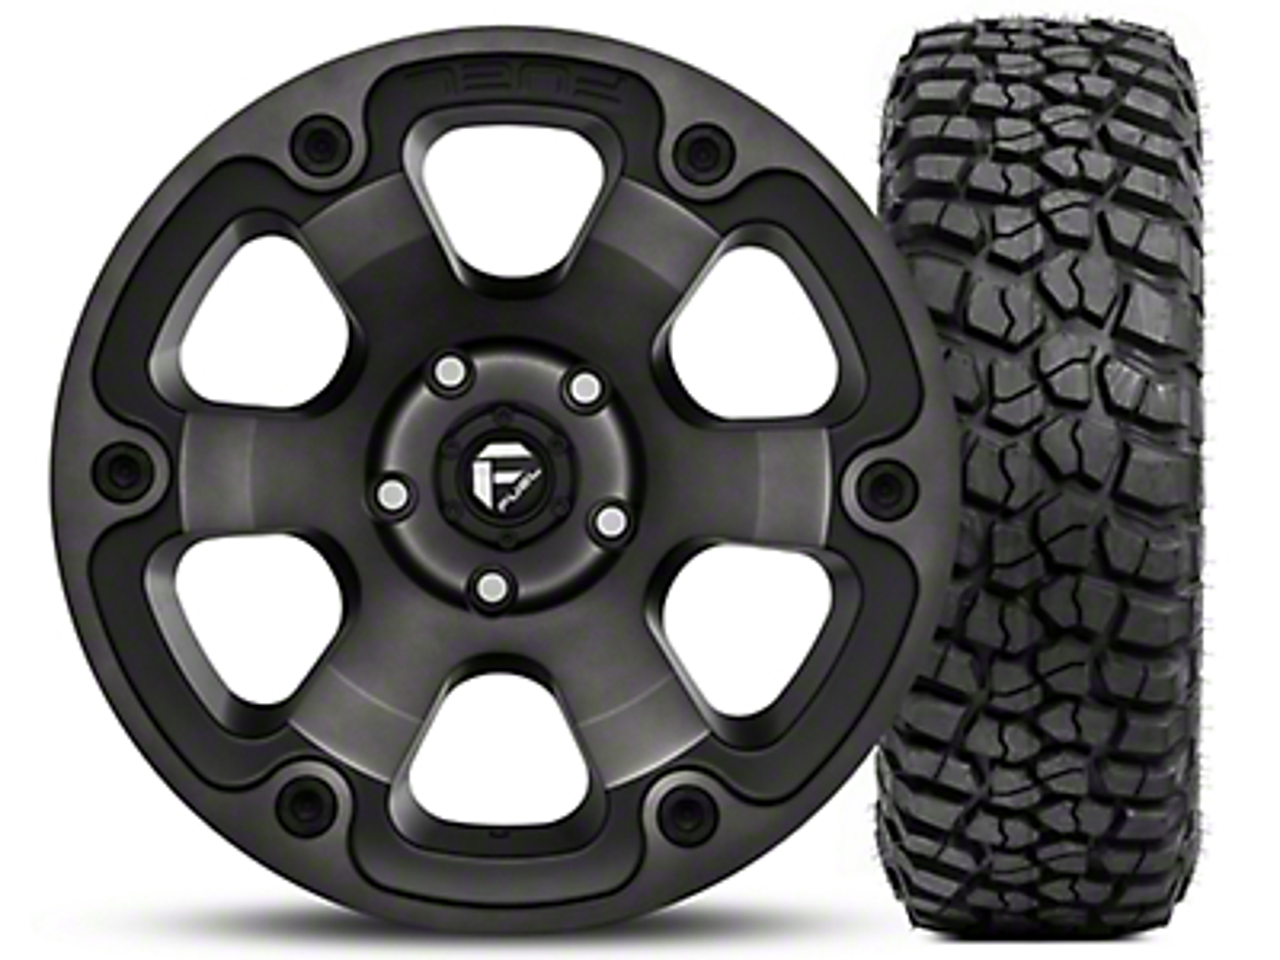 Fuel Wheels Beast Black Machined Wheel 17x9 and BF Goodrich Mud Terrain T/A KM2 35x12.50R17 Kit (07-18 Jeep Wrangler JK; 2018 Jeep Wrangler JL)